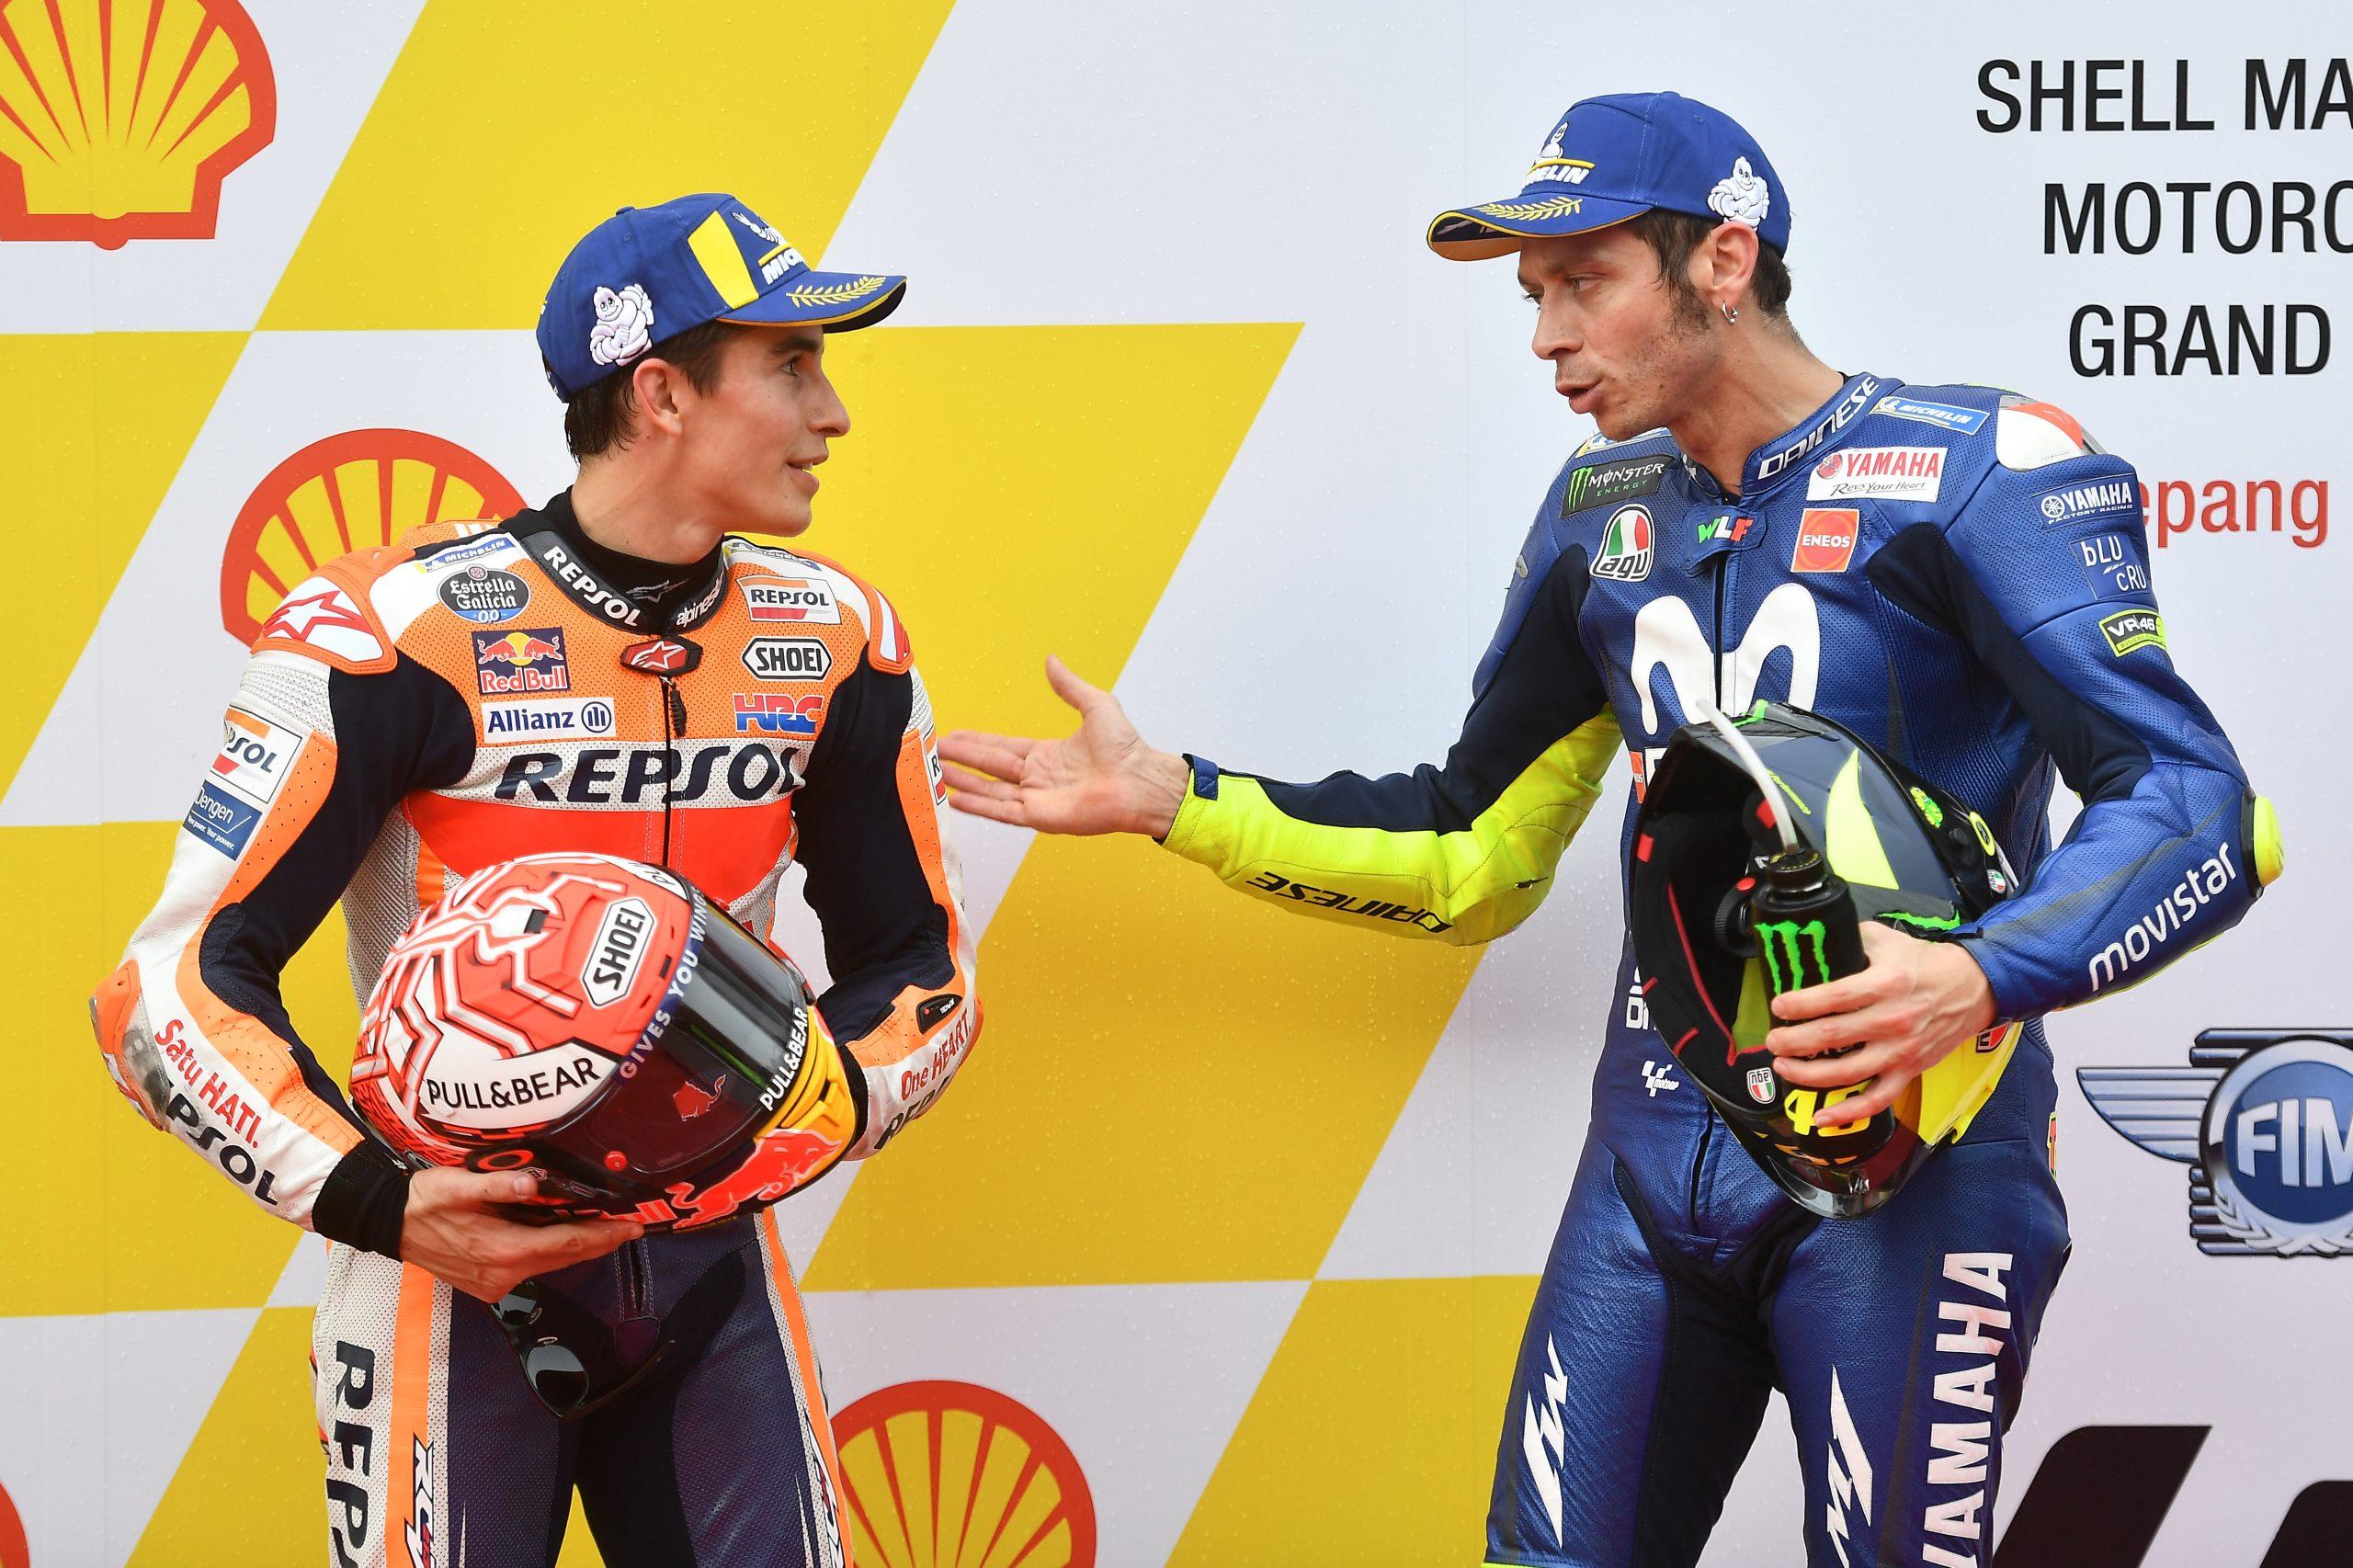 Marc Marquez i Valentino Rossi w dyskusji po kwalifikacjach do GP Malezji 2018